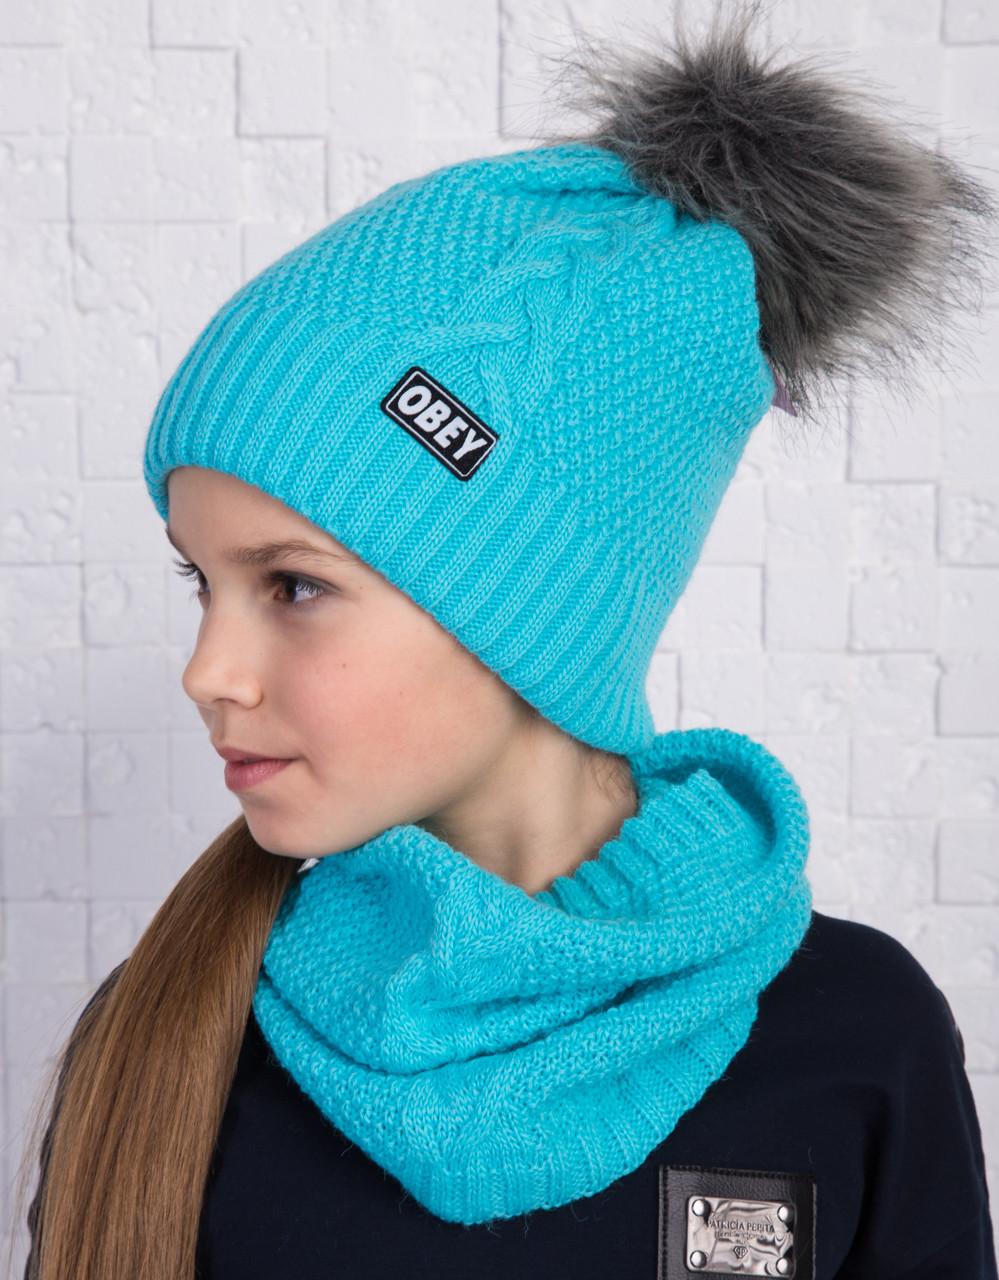 Вязанный зимний комплект для девочки (шапка с помпоном и хомут) - OBEY - Артикул 1072